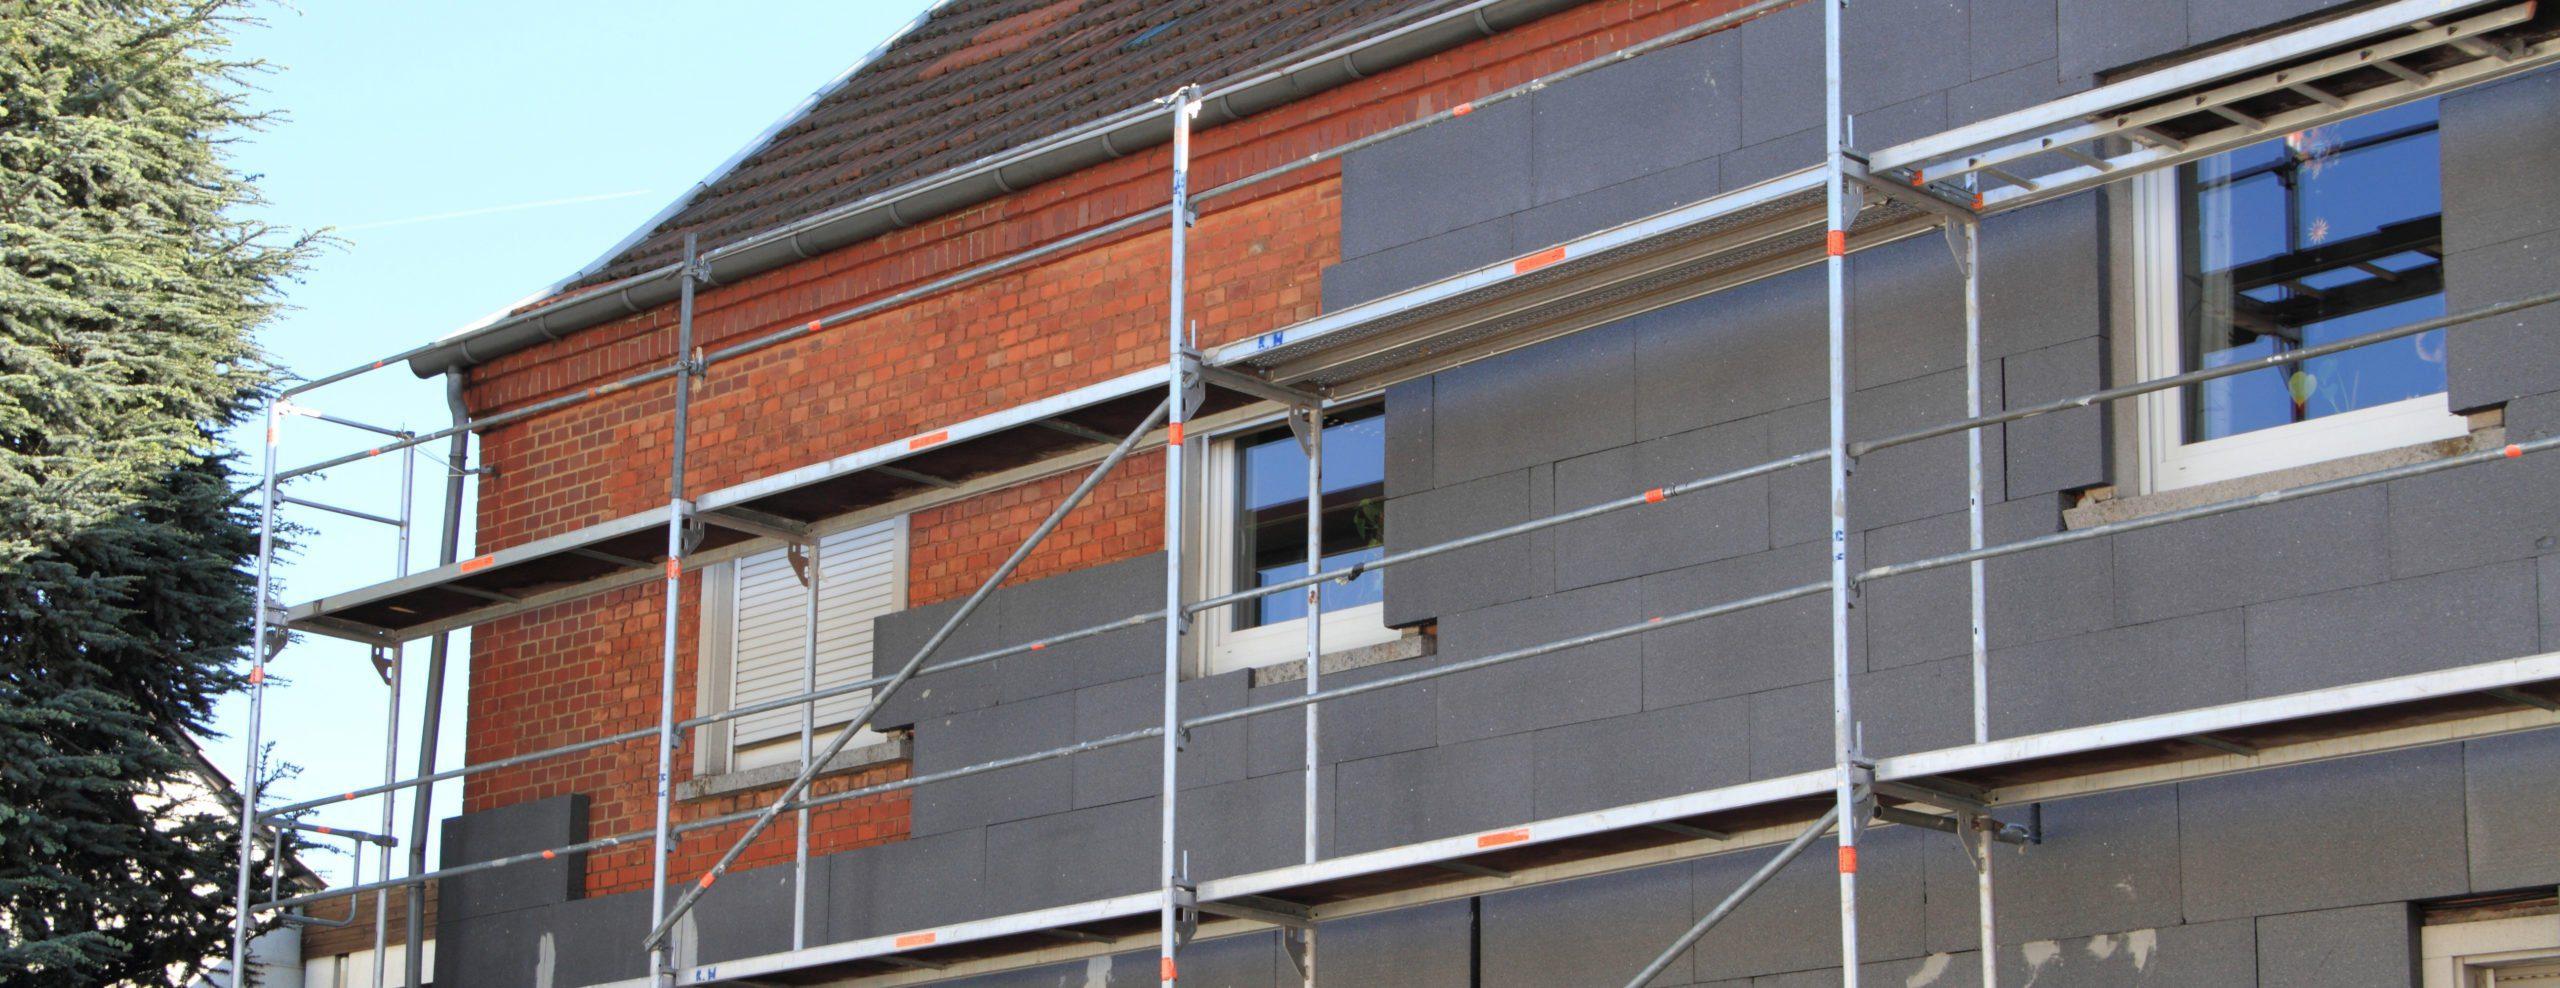 La rénovation énergétique des habitations comme des bâtiments publics est un enjeu pour l'avenir.